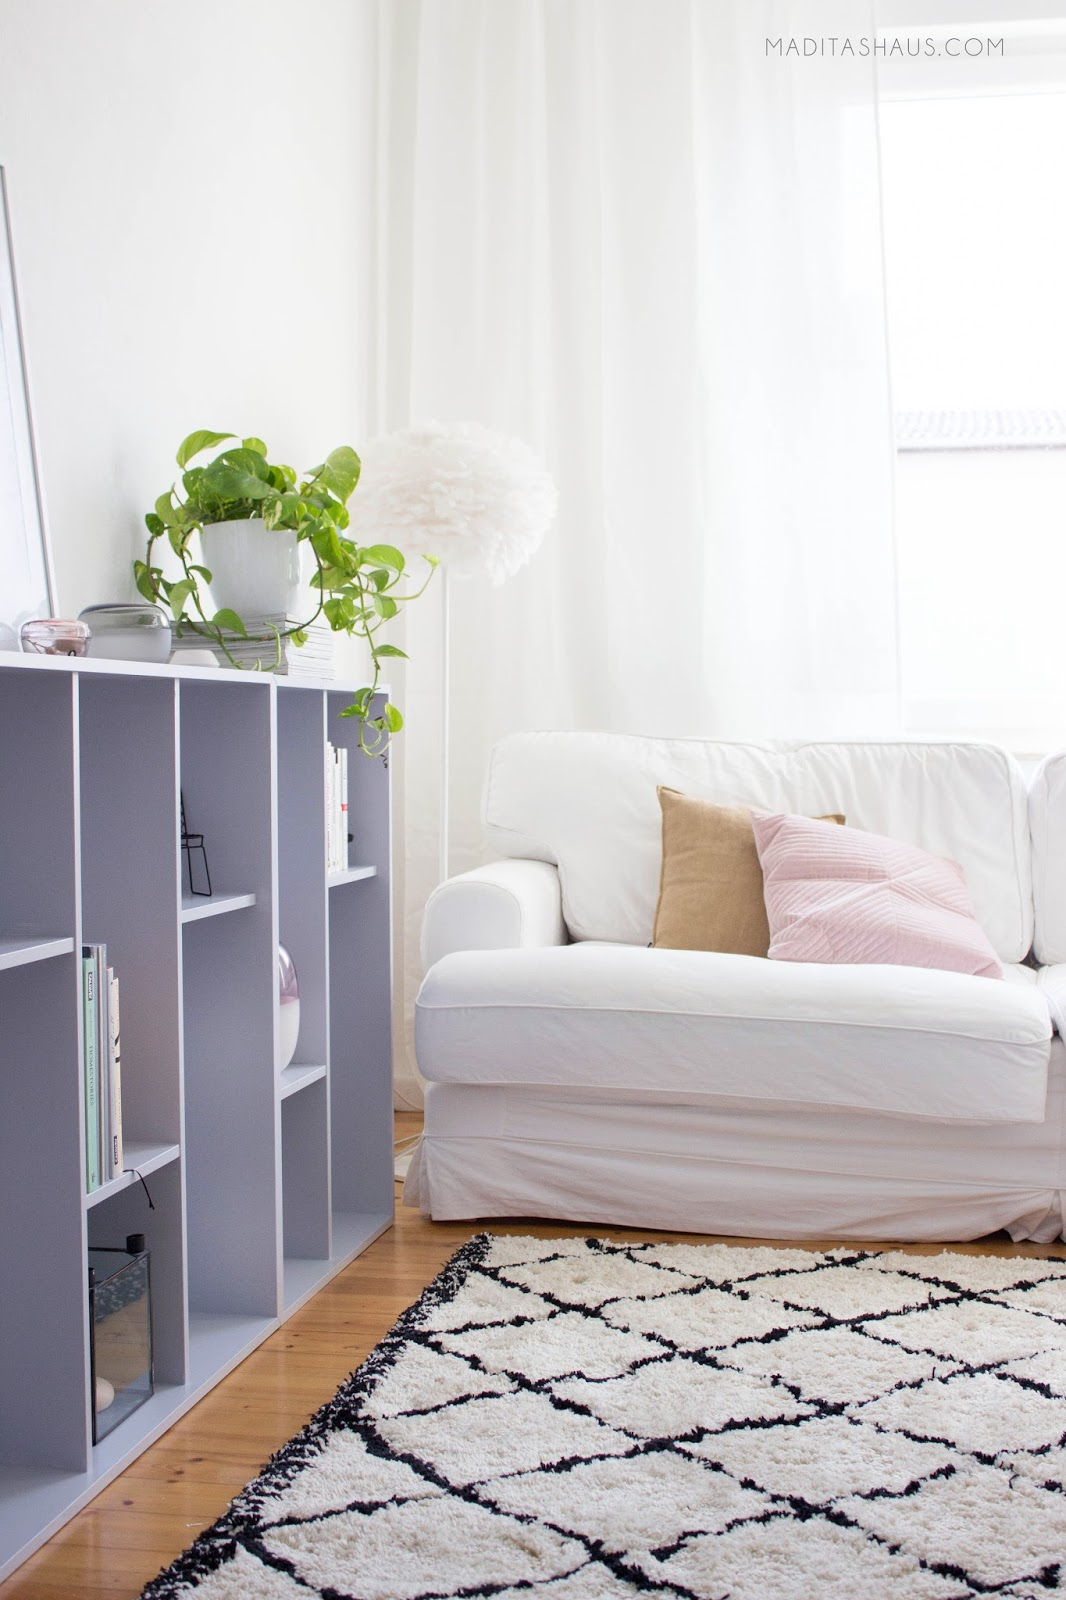 Update neues aus dem wohnzimmer teil ii maditas haus lifestyle und interior blog - Neues wohnzimmer ...